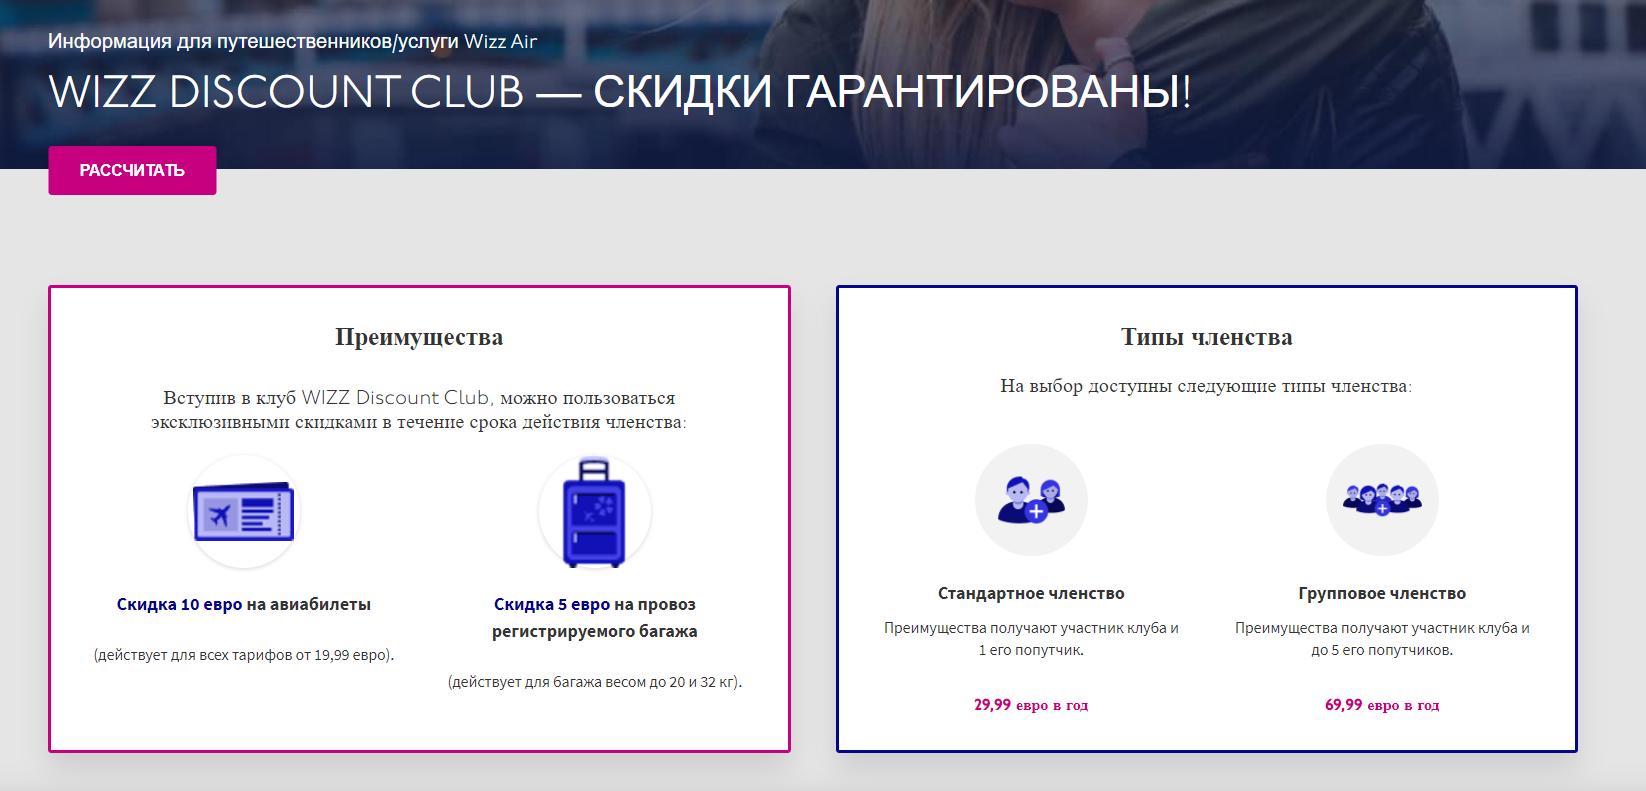 Групповое членство в Wizz Discount Club будет выгоднее и окупится быстрее, чем стандартное